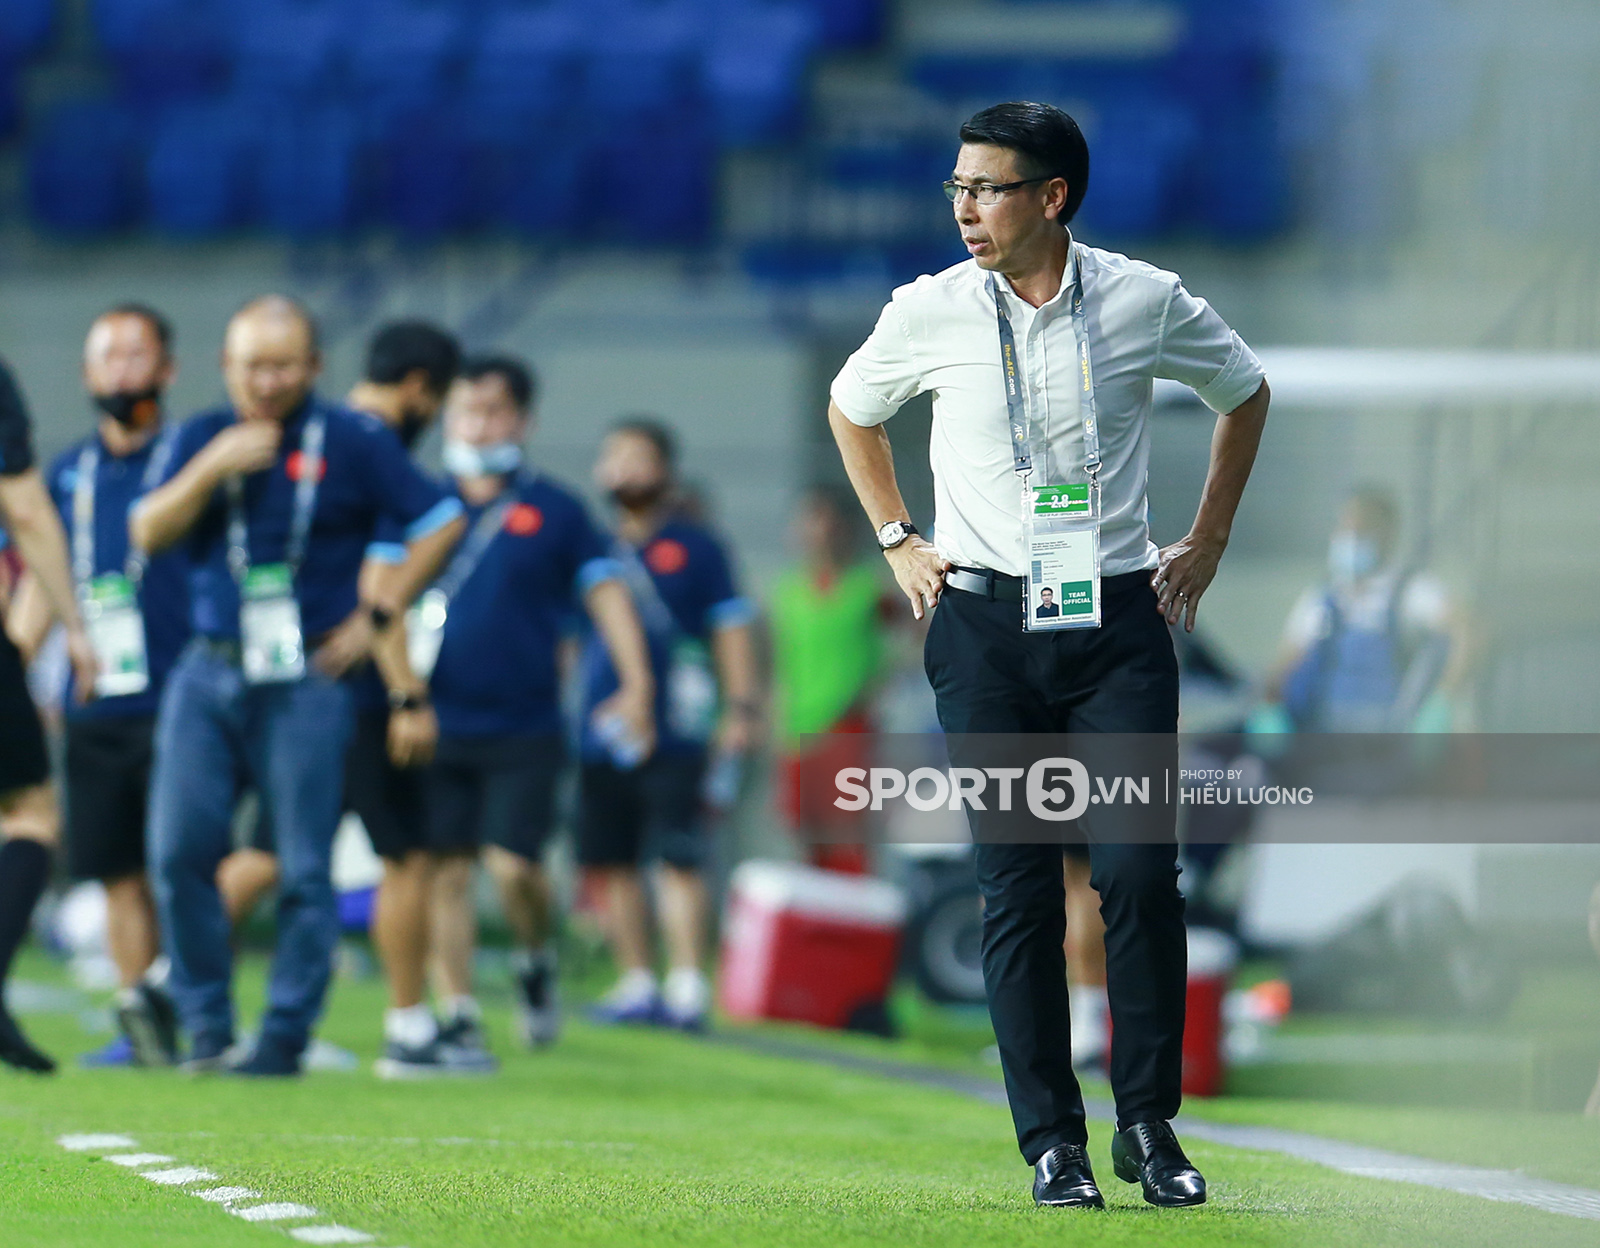 Các đối thủ nói gì khi cùng bảng tuyển Việt Nam ở AFF Cup 2020? - Ảnh 1.